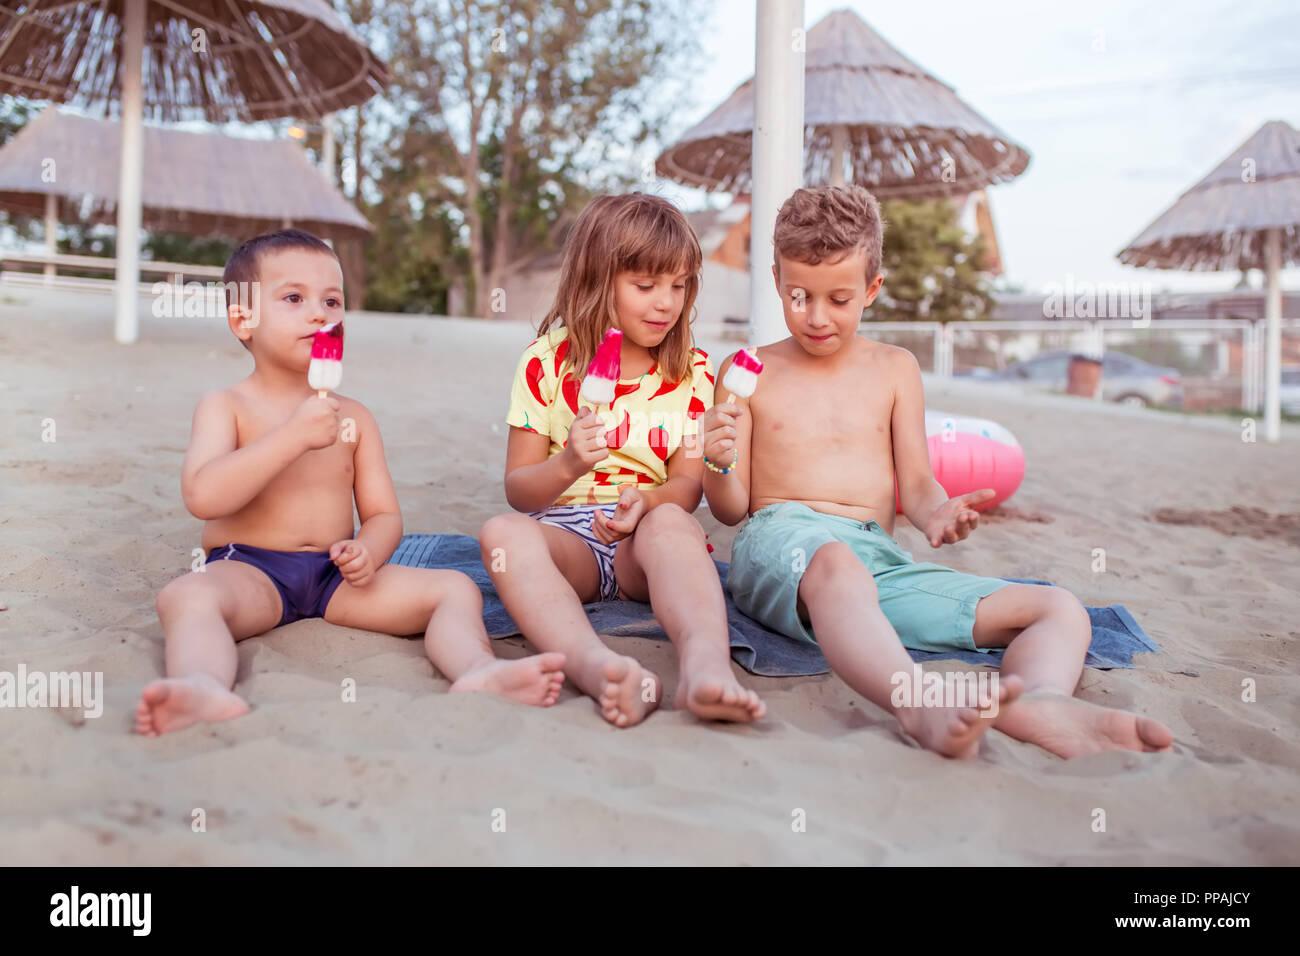 Happy positive Kinder sitzen auf dem Sandstrand und Eis essen. Menschen, Kinder, Freunde und Freundschaft Konzept Stockbild